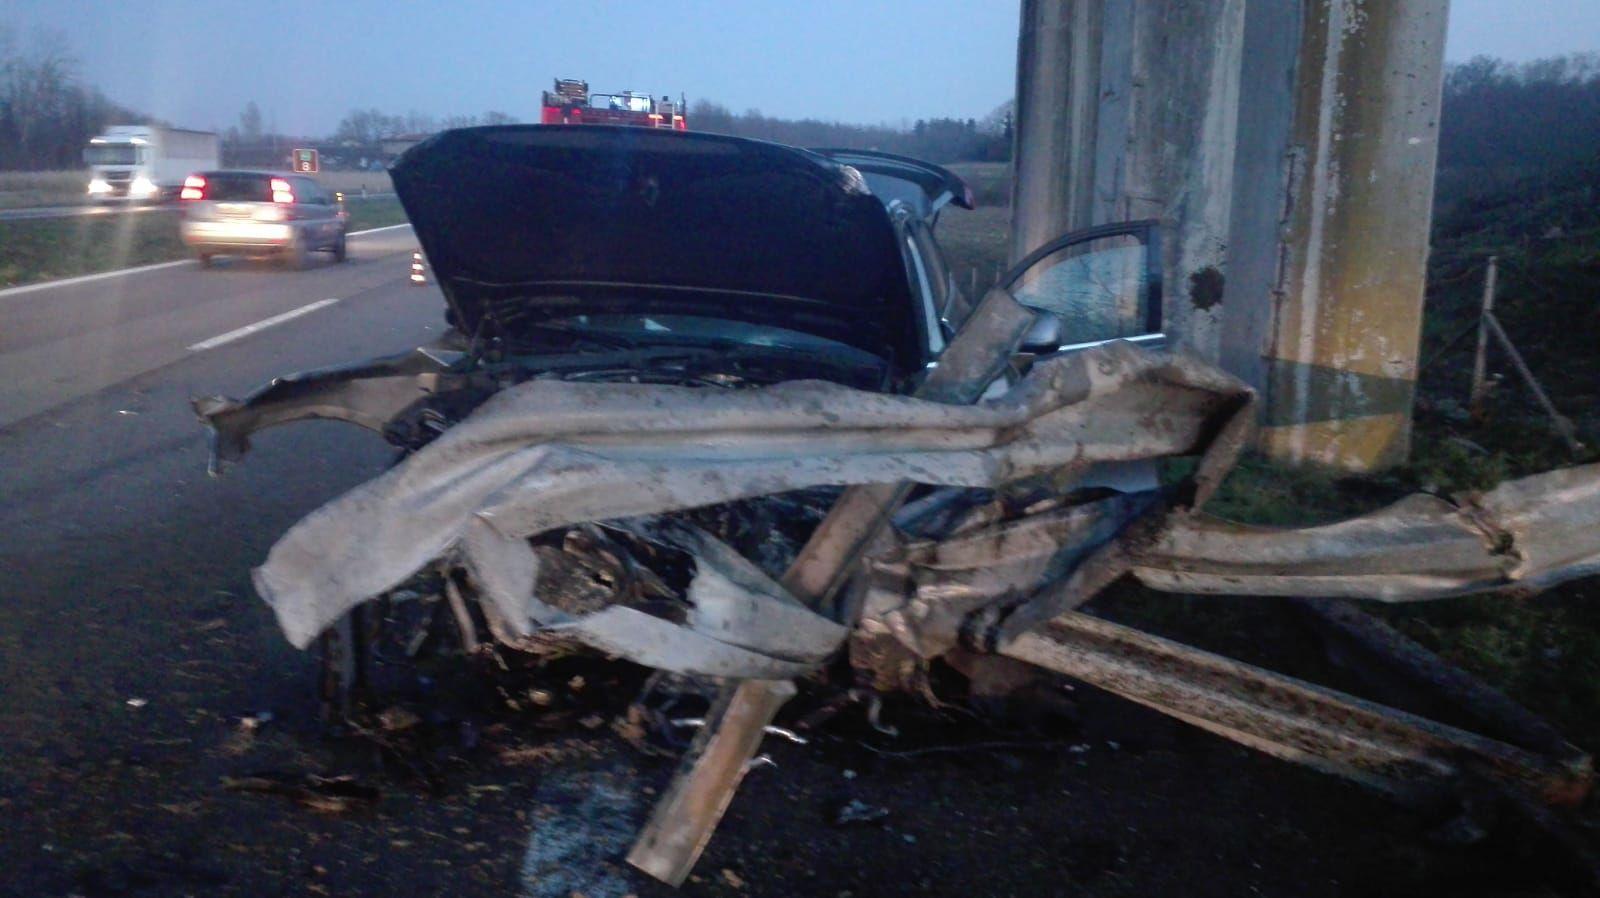 IVREA-SANTHIA' - Spaventoso incidente: feriti padre e figlio